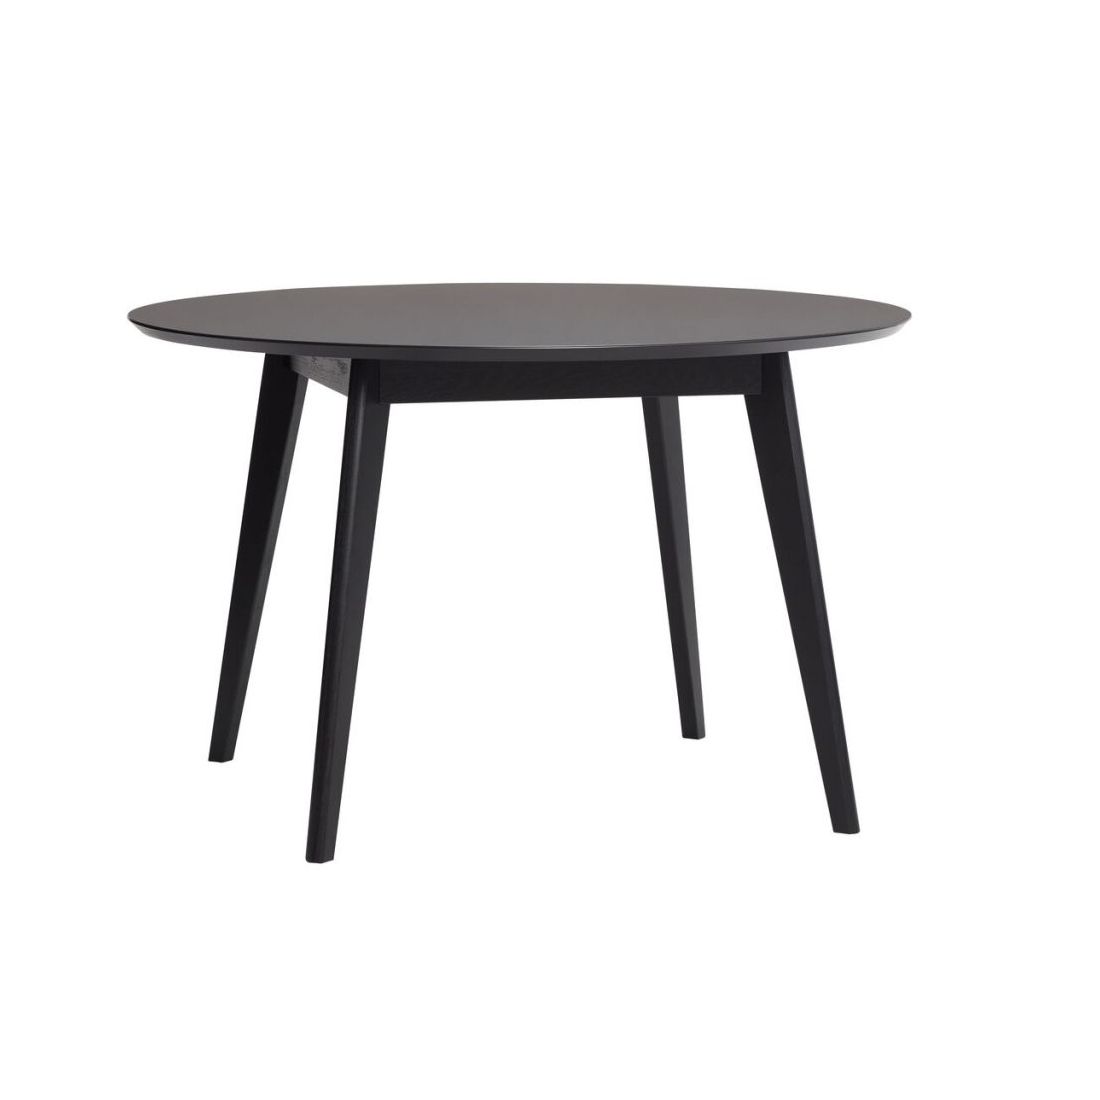 Matbord runt 120 cm svart Hubsch